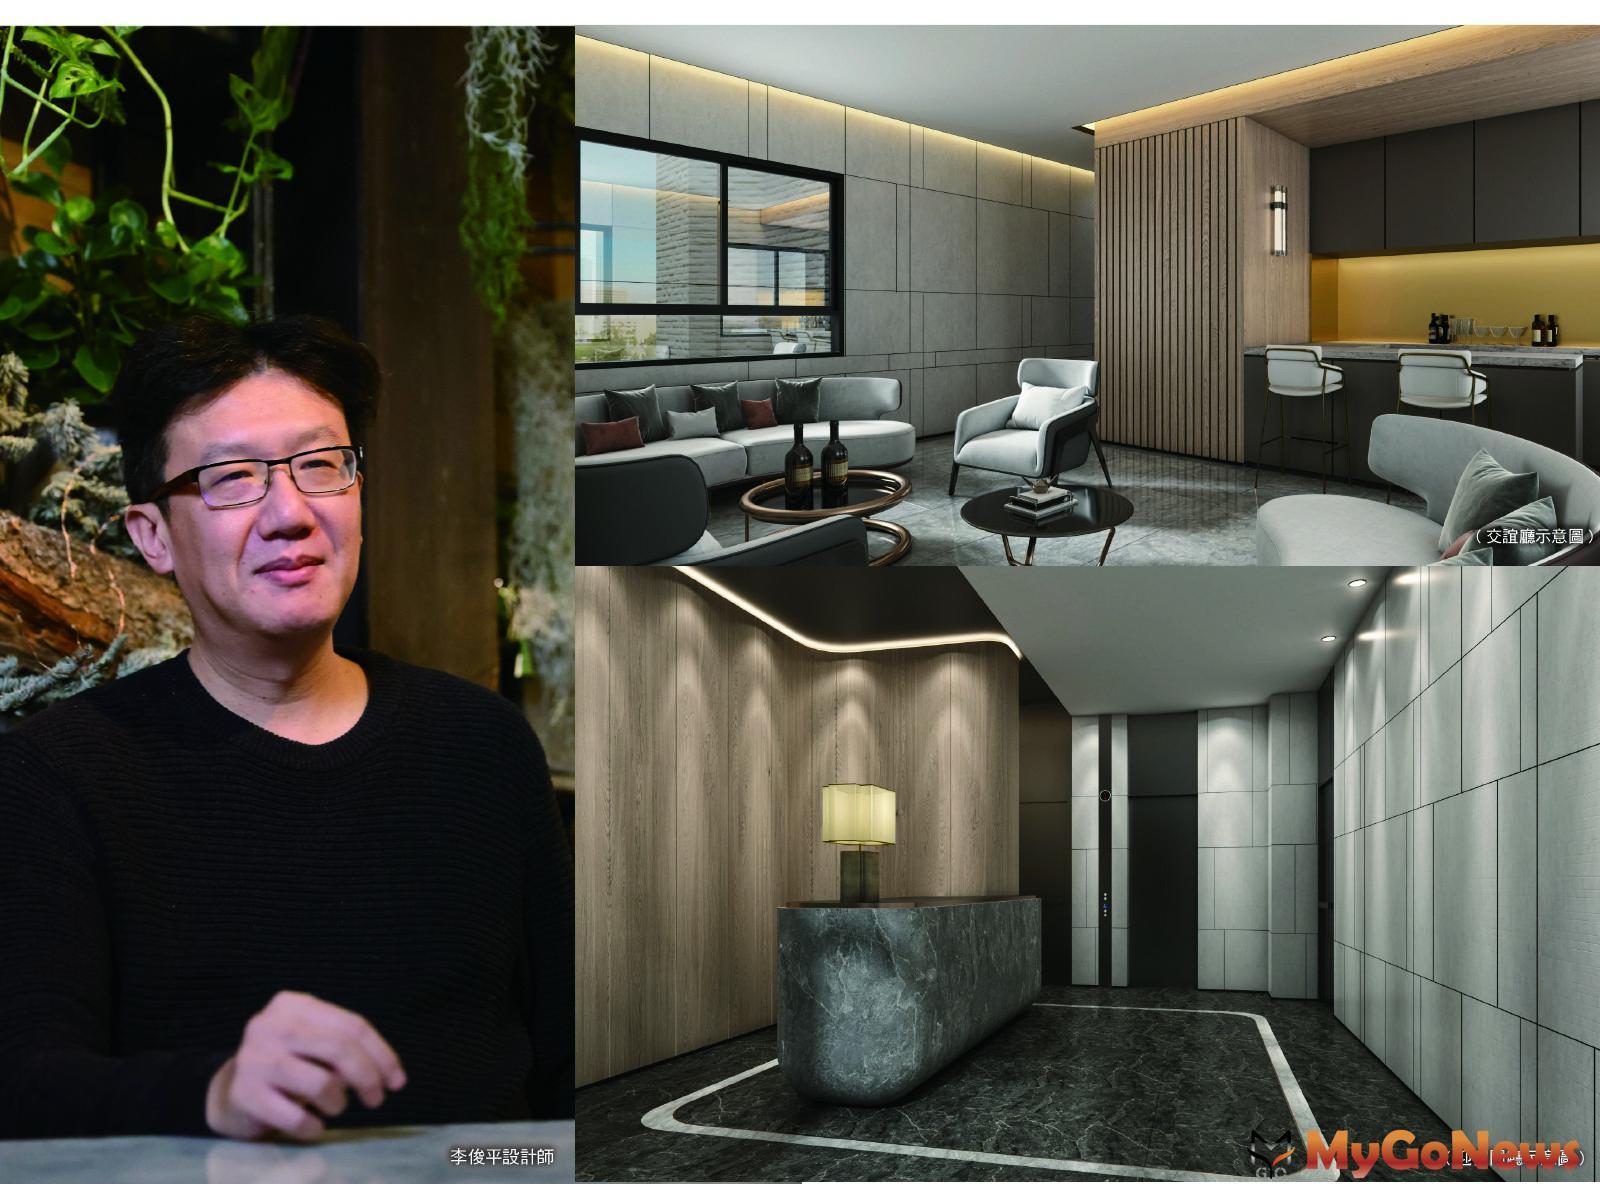 李俊平空間設計被稱為「空間魔法師」,是高端住宅設計高手,以飯店尺度打造「西園町」氣派門廳,讓建築更增添華麗。 MyGoNews房地產新聞 專題報導